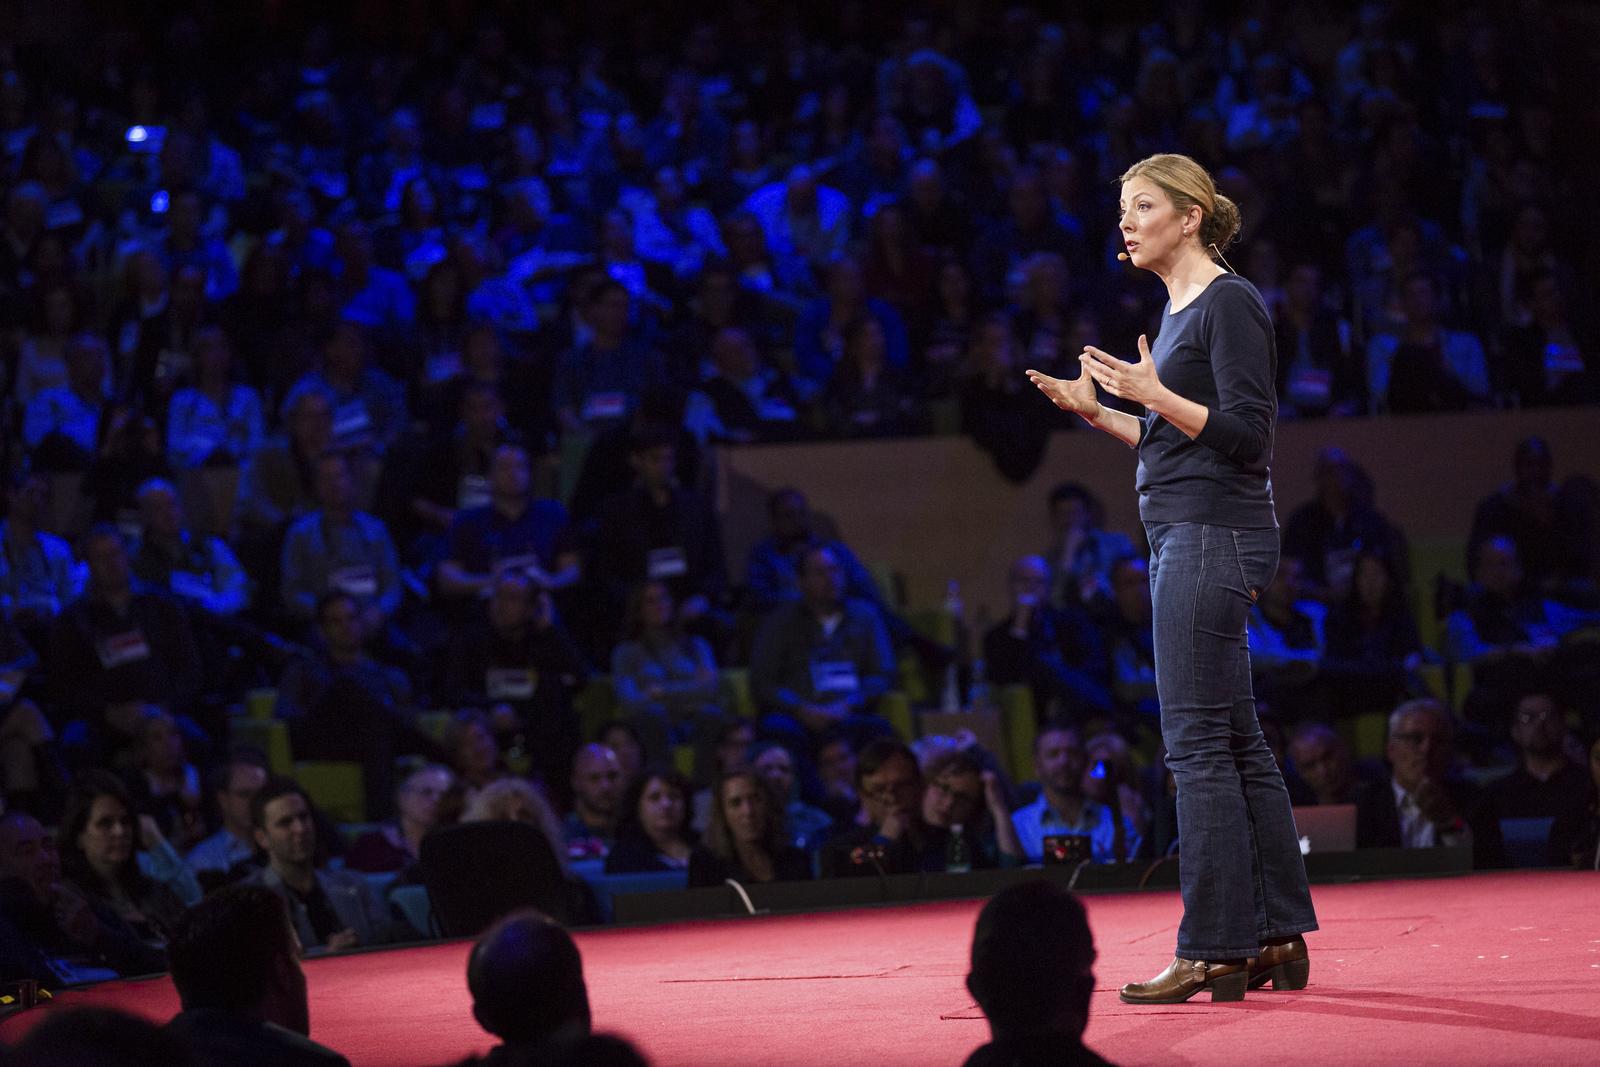 « تد » بهترین دانشگاه دنیا برای یادگیری سخنرانی